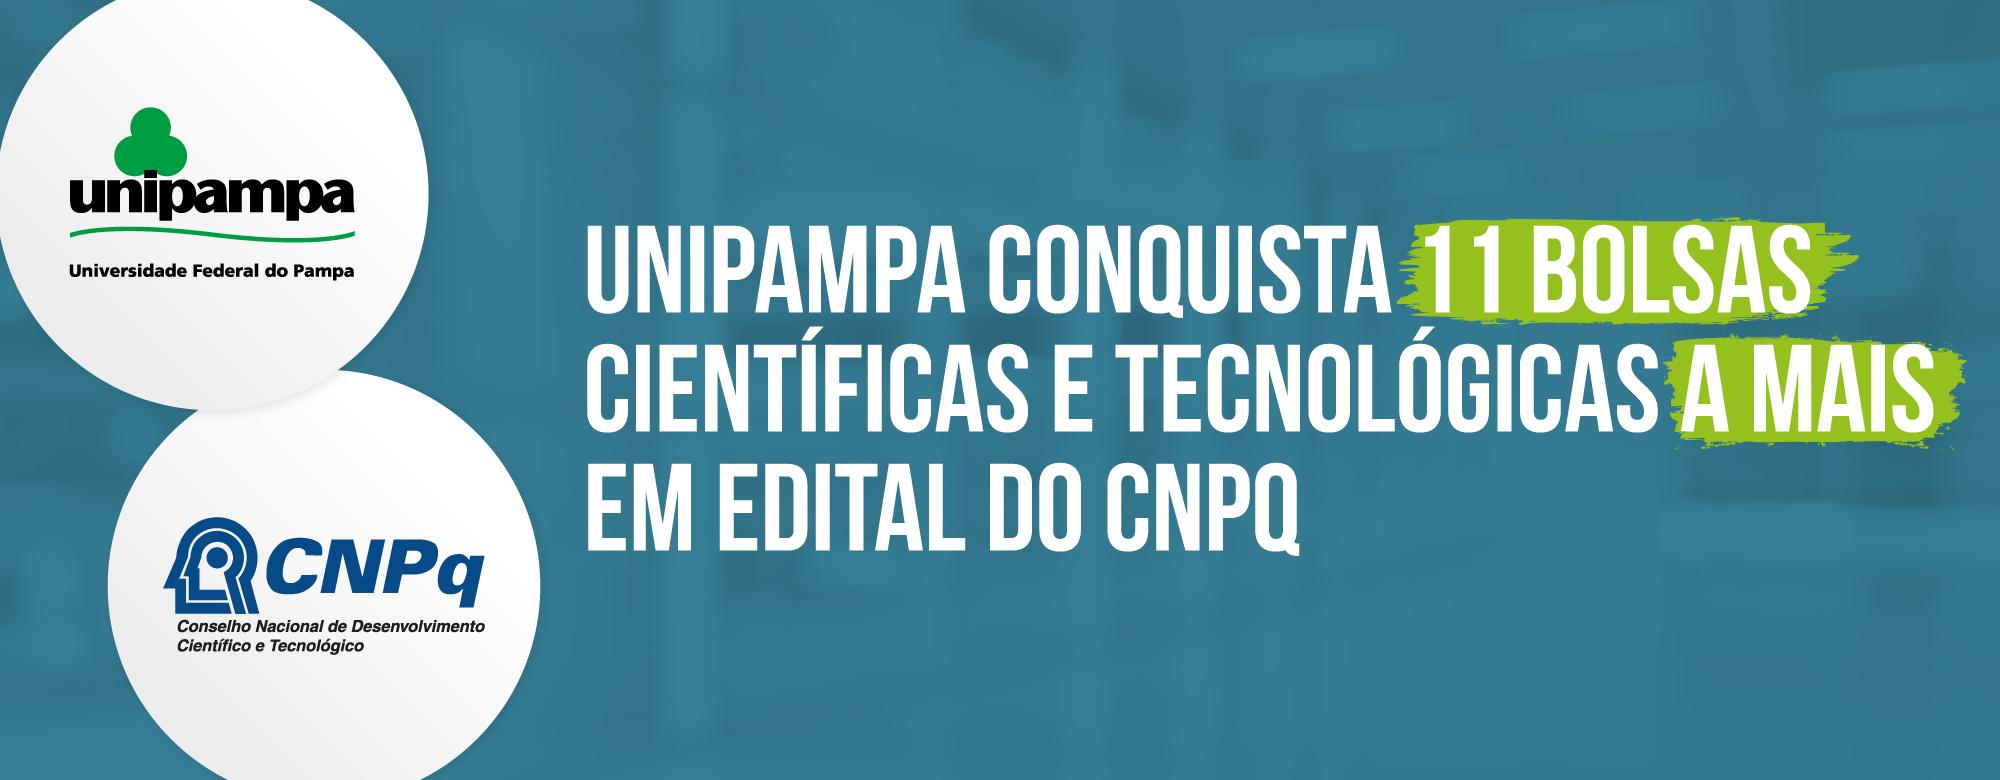 Unipampa conquista 11 bolsas científicas e tecnológicas a mais em edital do CNPq